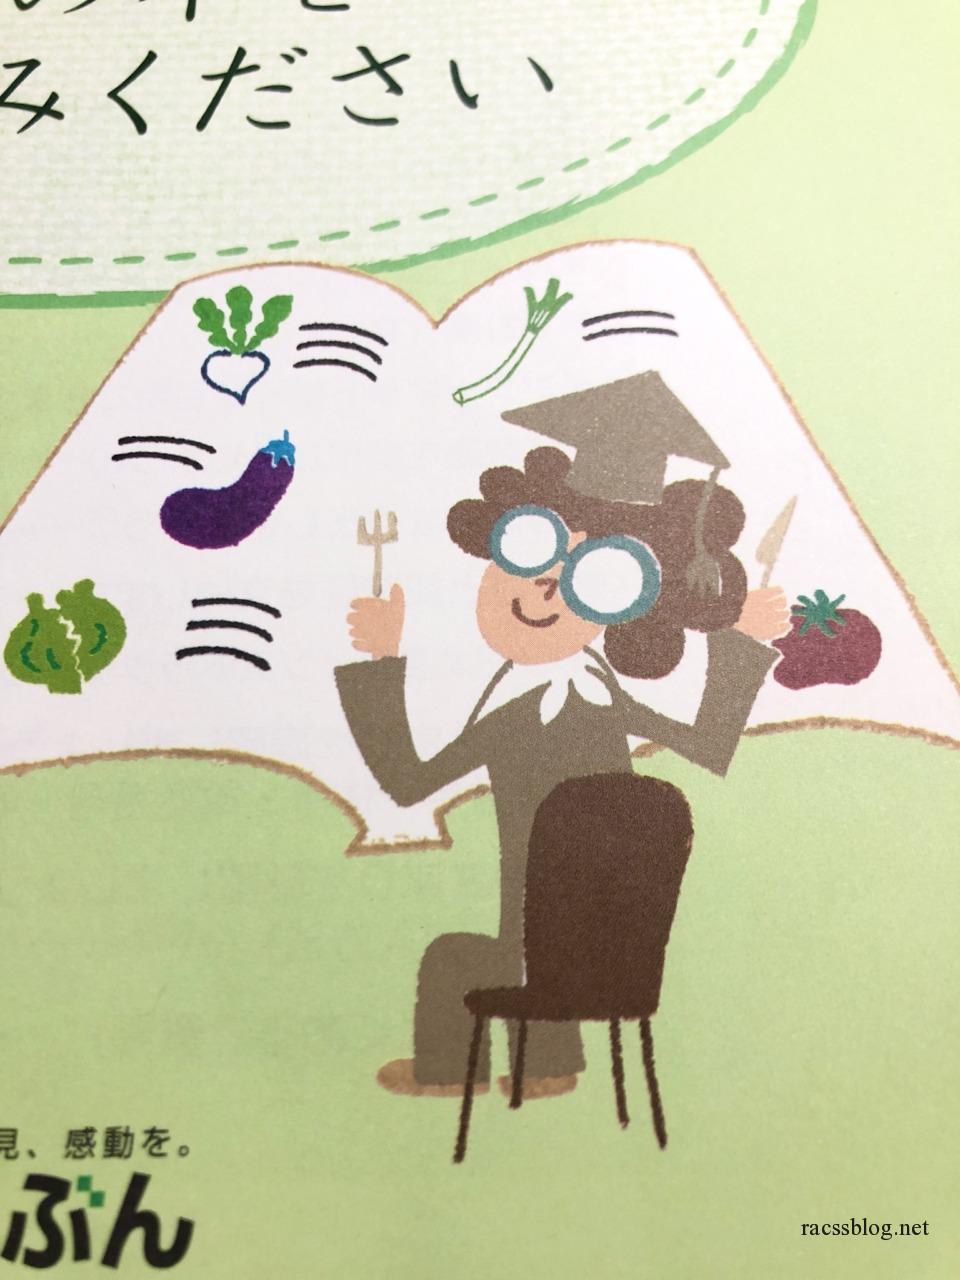 食育インストラクターテキストのイラストがかわいい